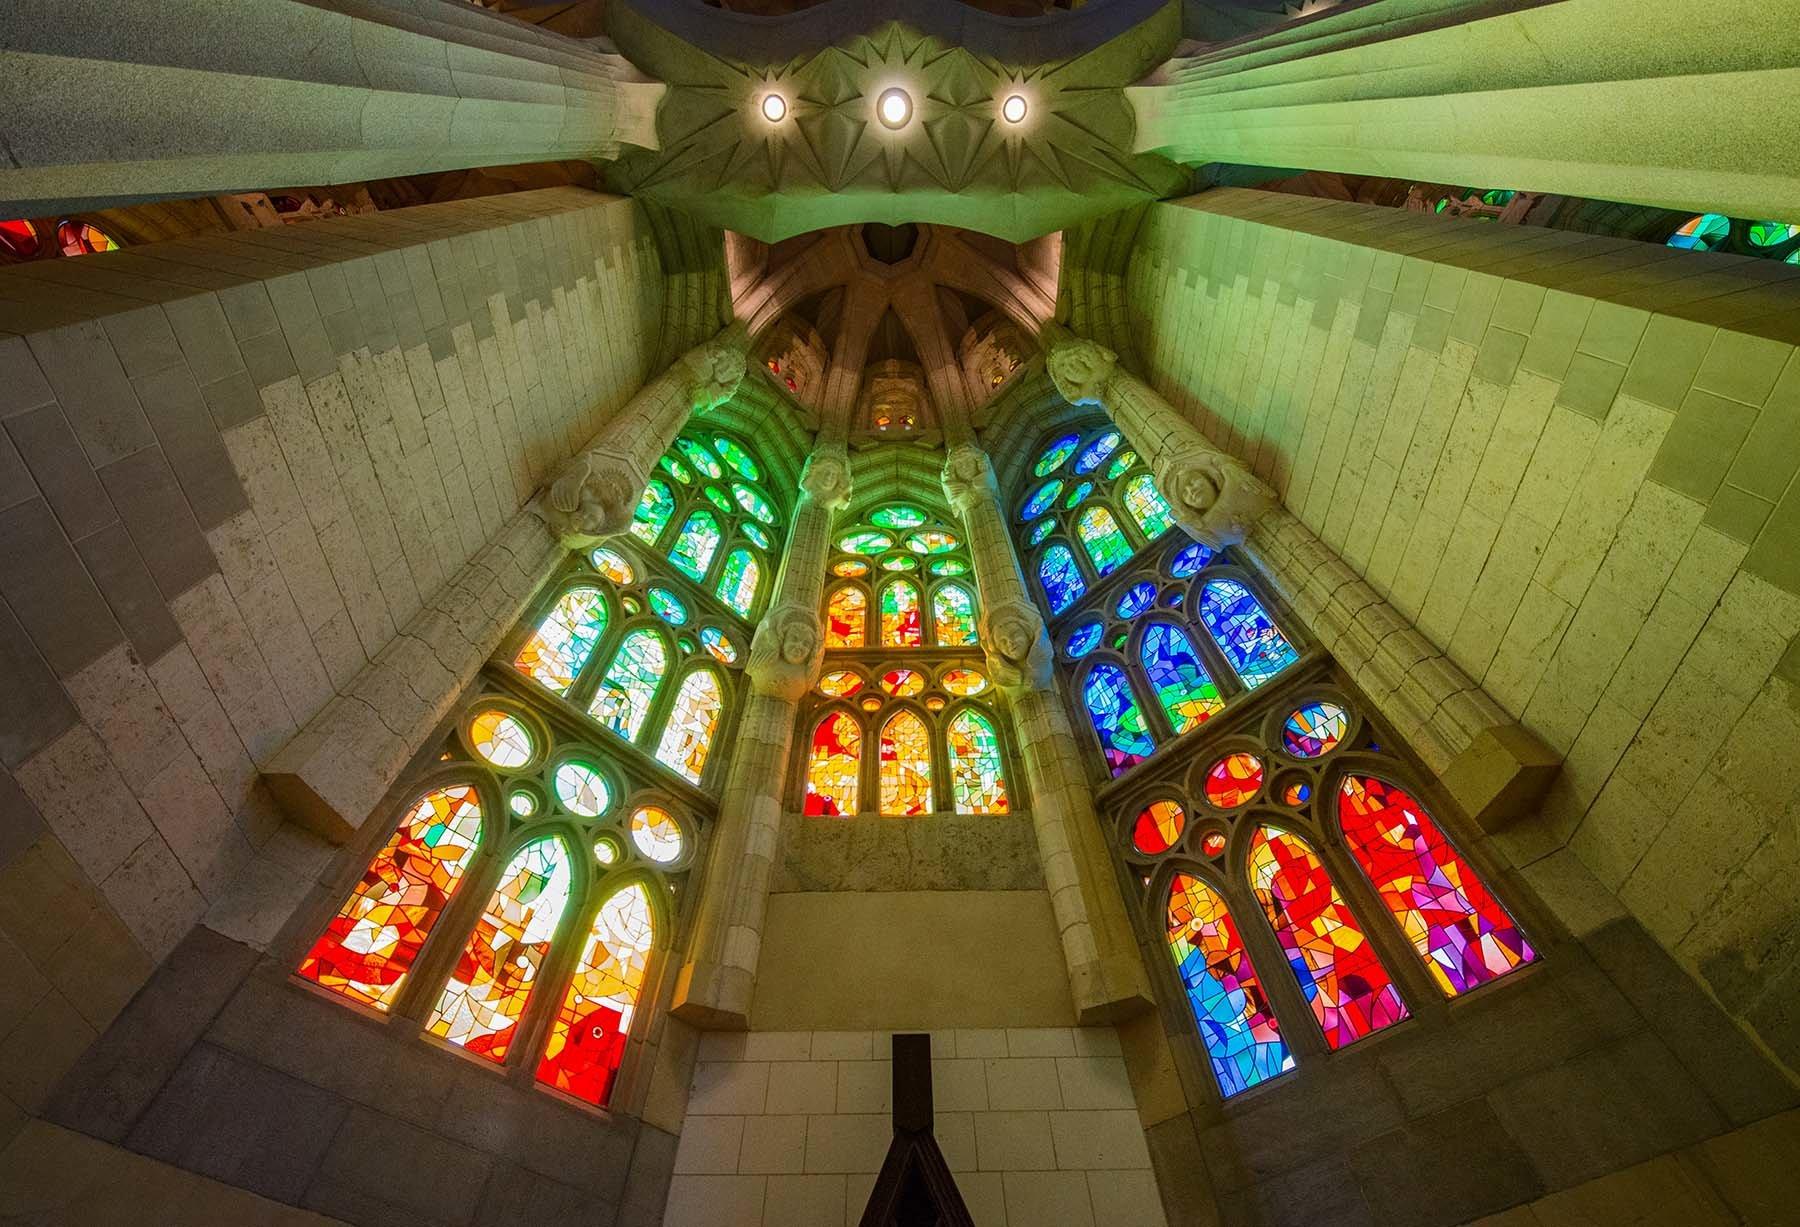 Gra świateł w kolorowych witrażach Sagrady Familia w Barcelonie.